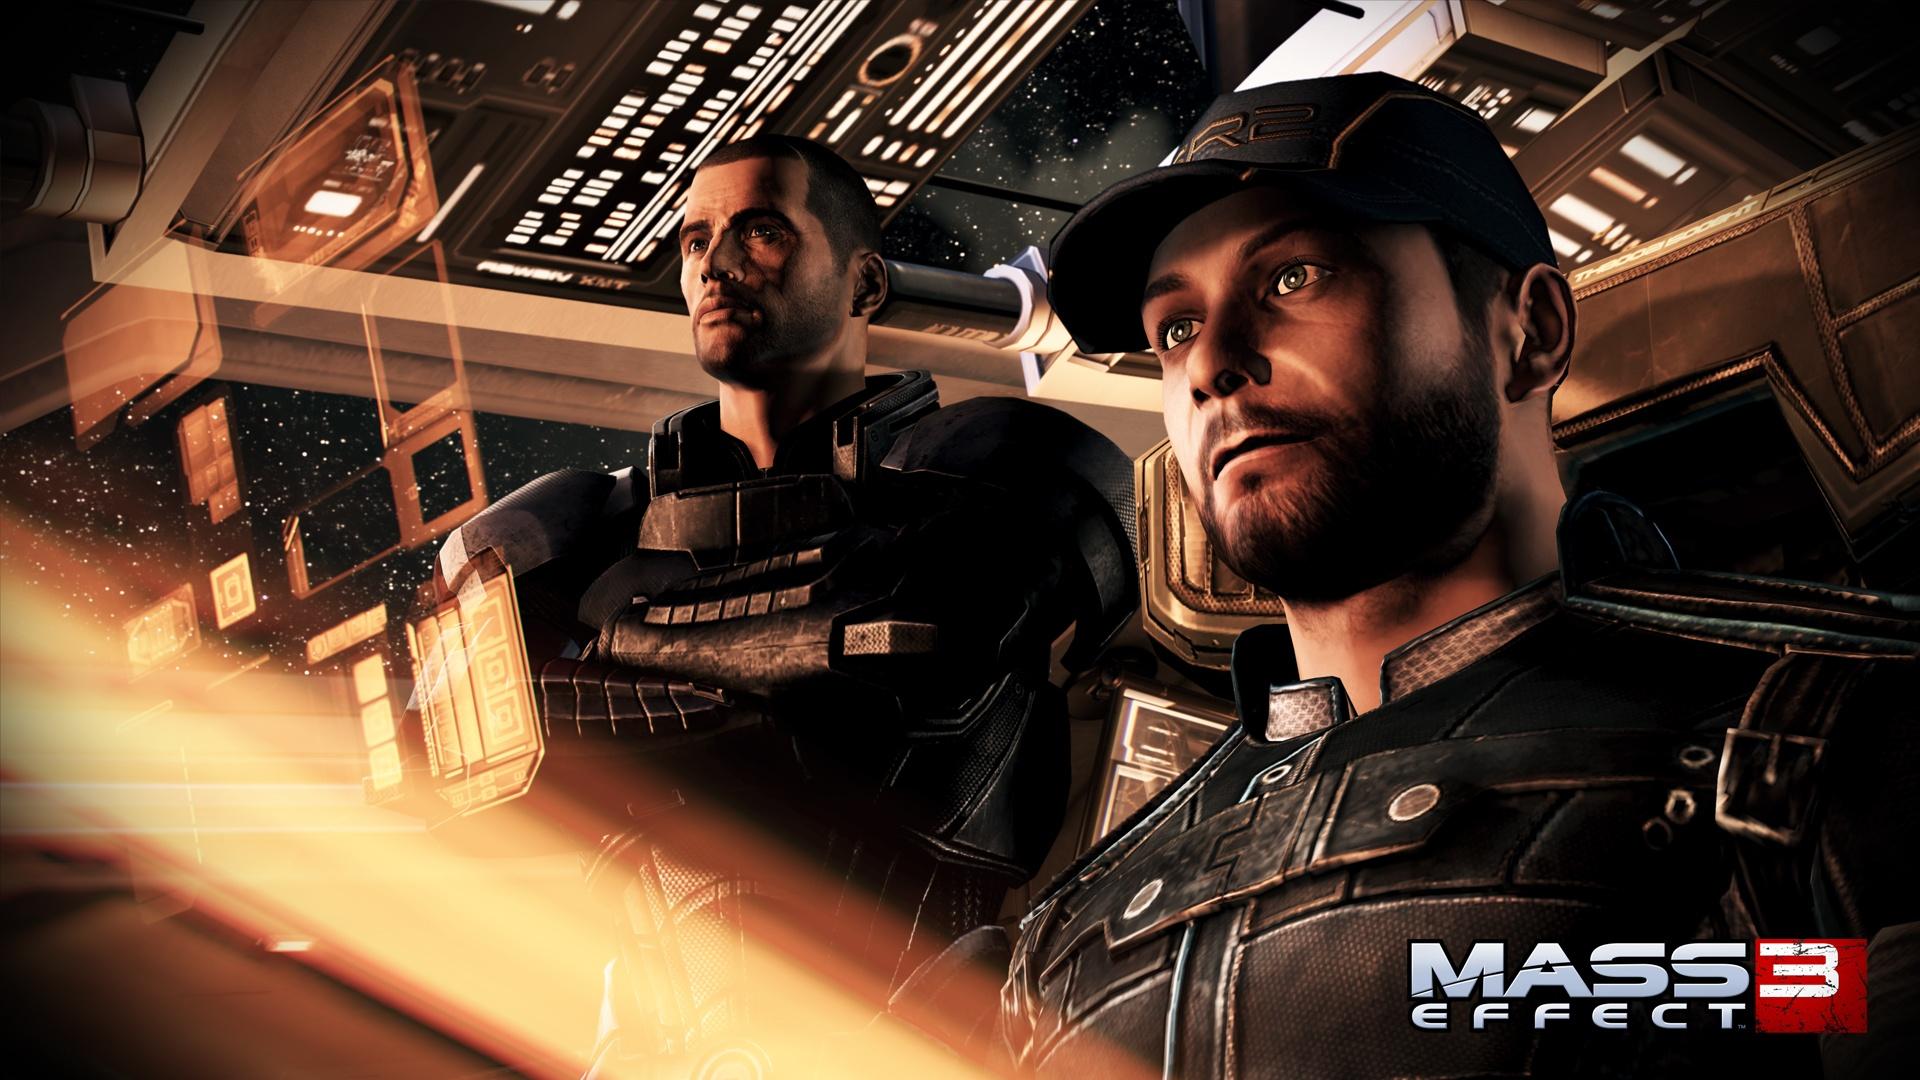 Mass-Effect-3-Joker